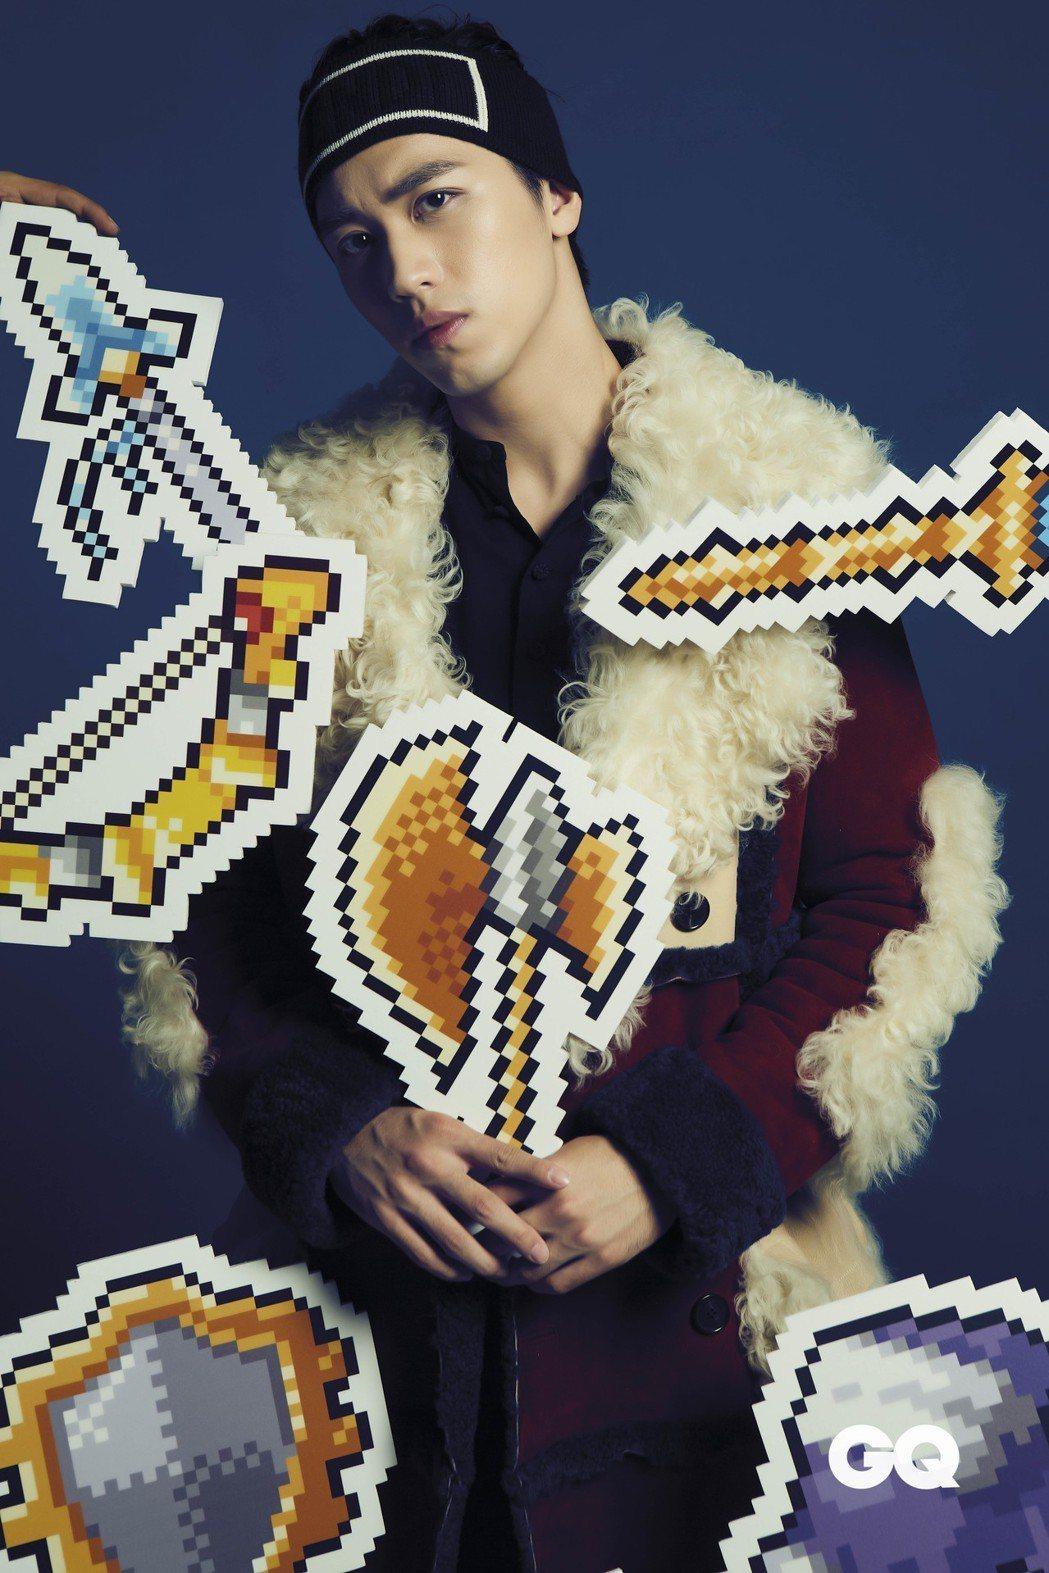 許魏洲出道2年,帥氣外表讓他深受時尚精品青睞。圖/GQ雜誌提供